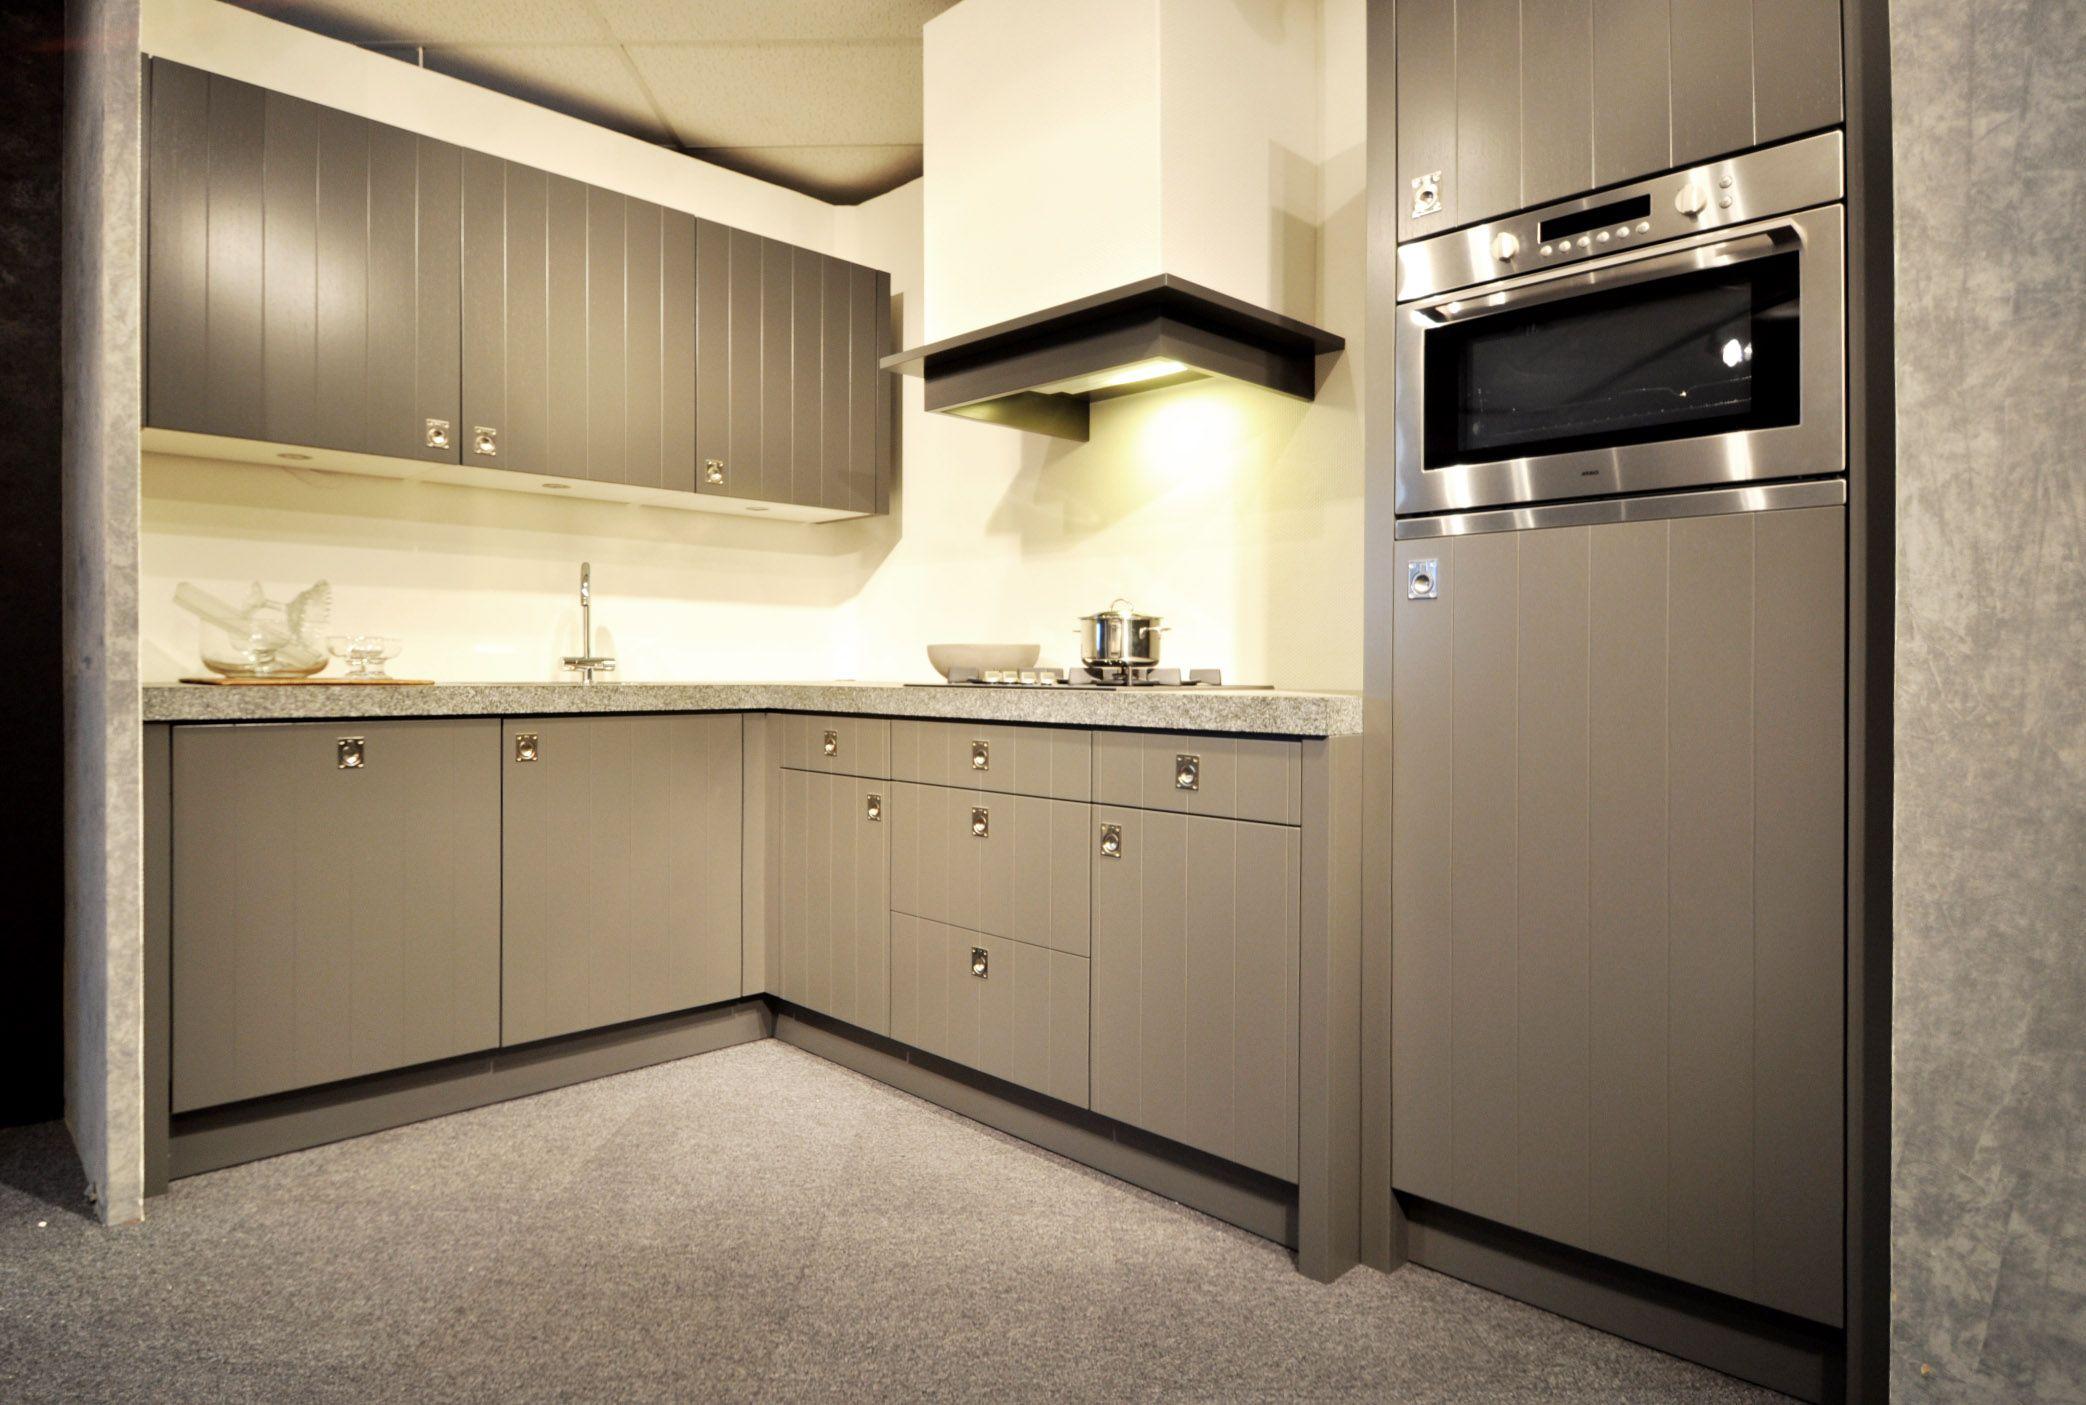 Keuken Afzuigkap Inbouw : keukens voor zeer lage keuken prijzen Keller landelijke keuken